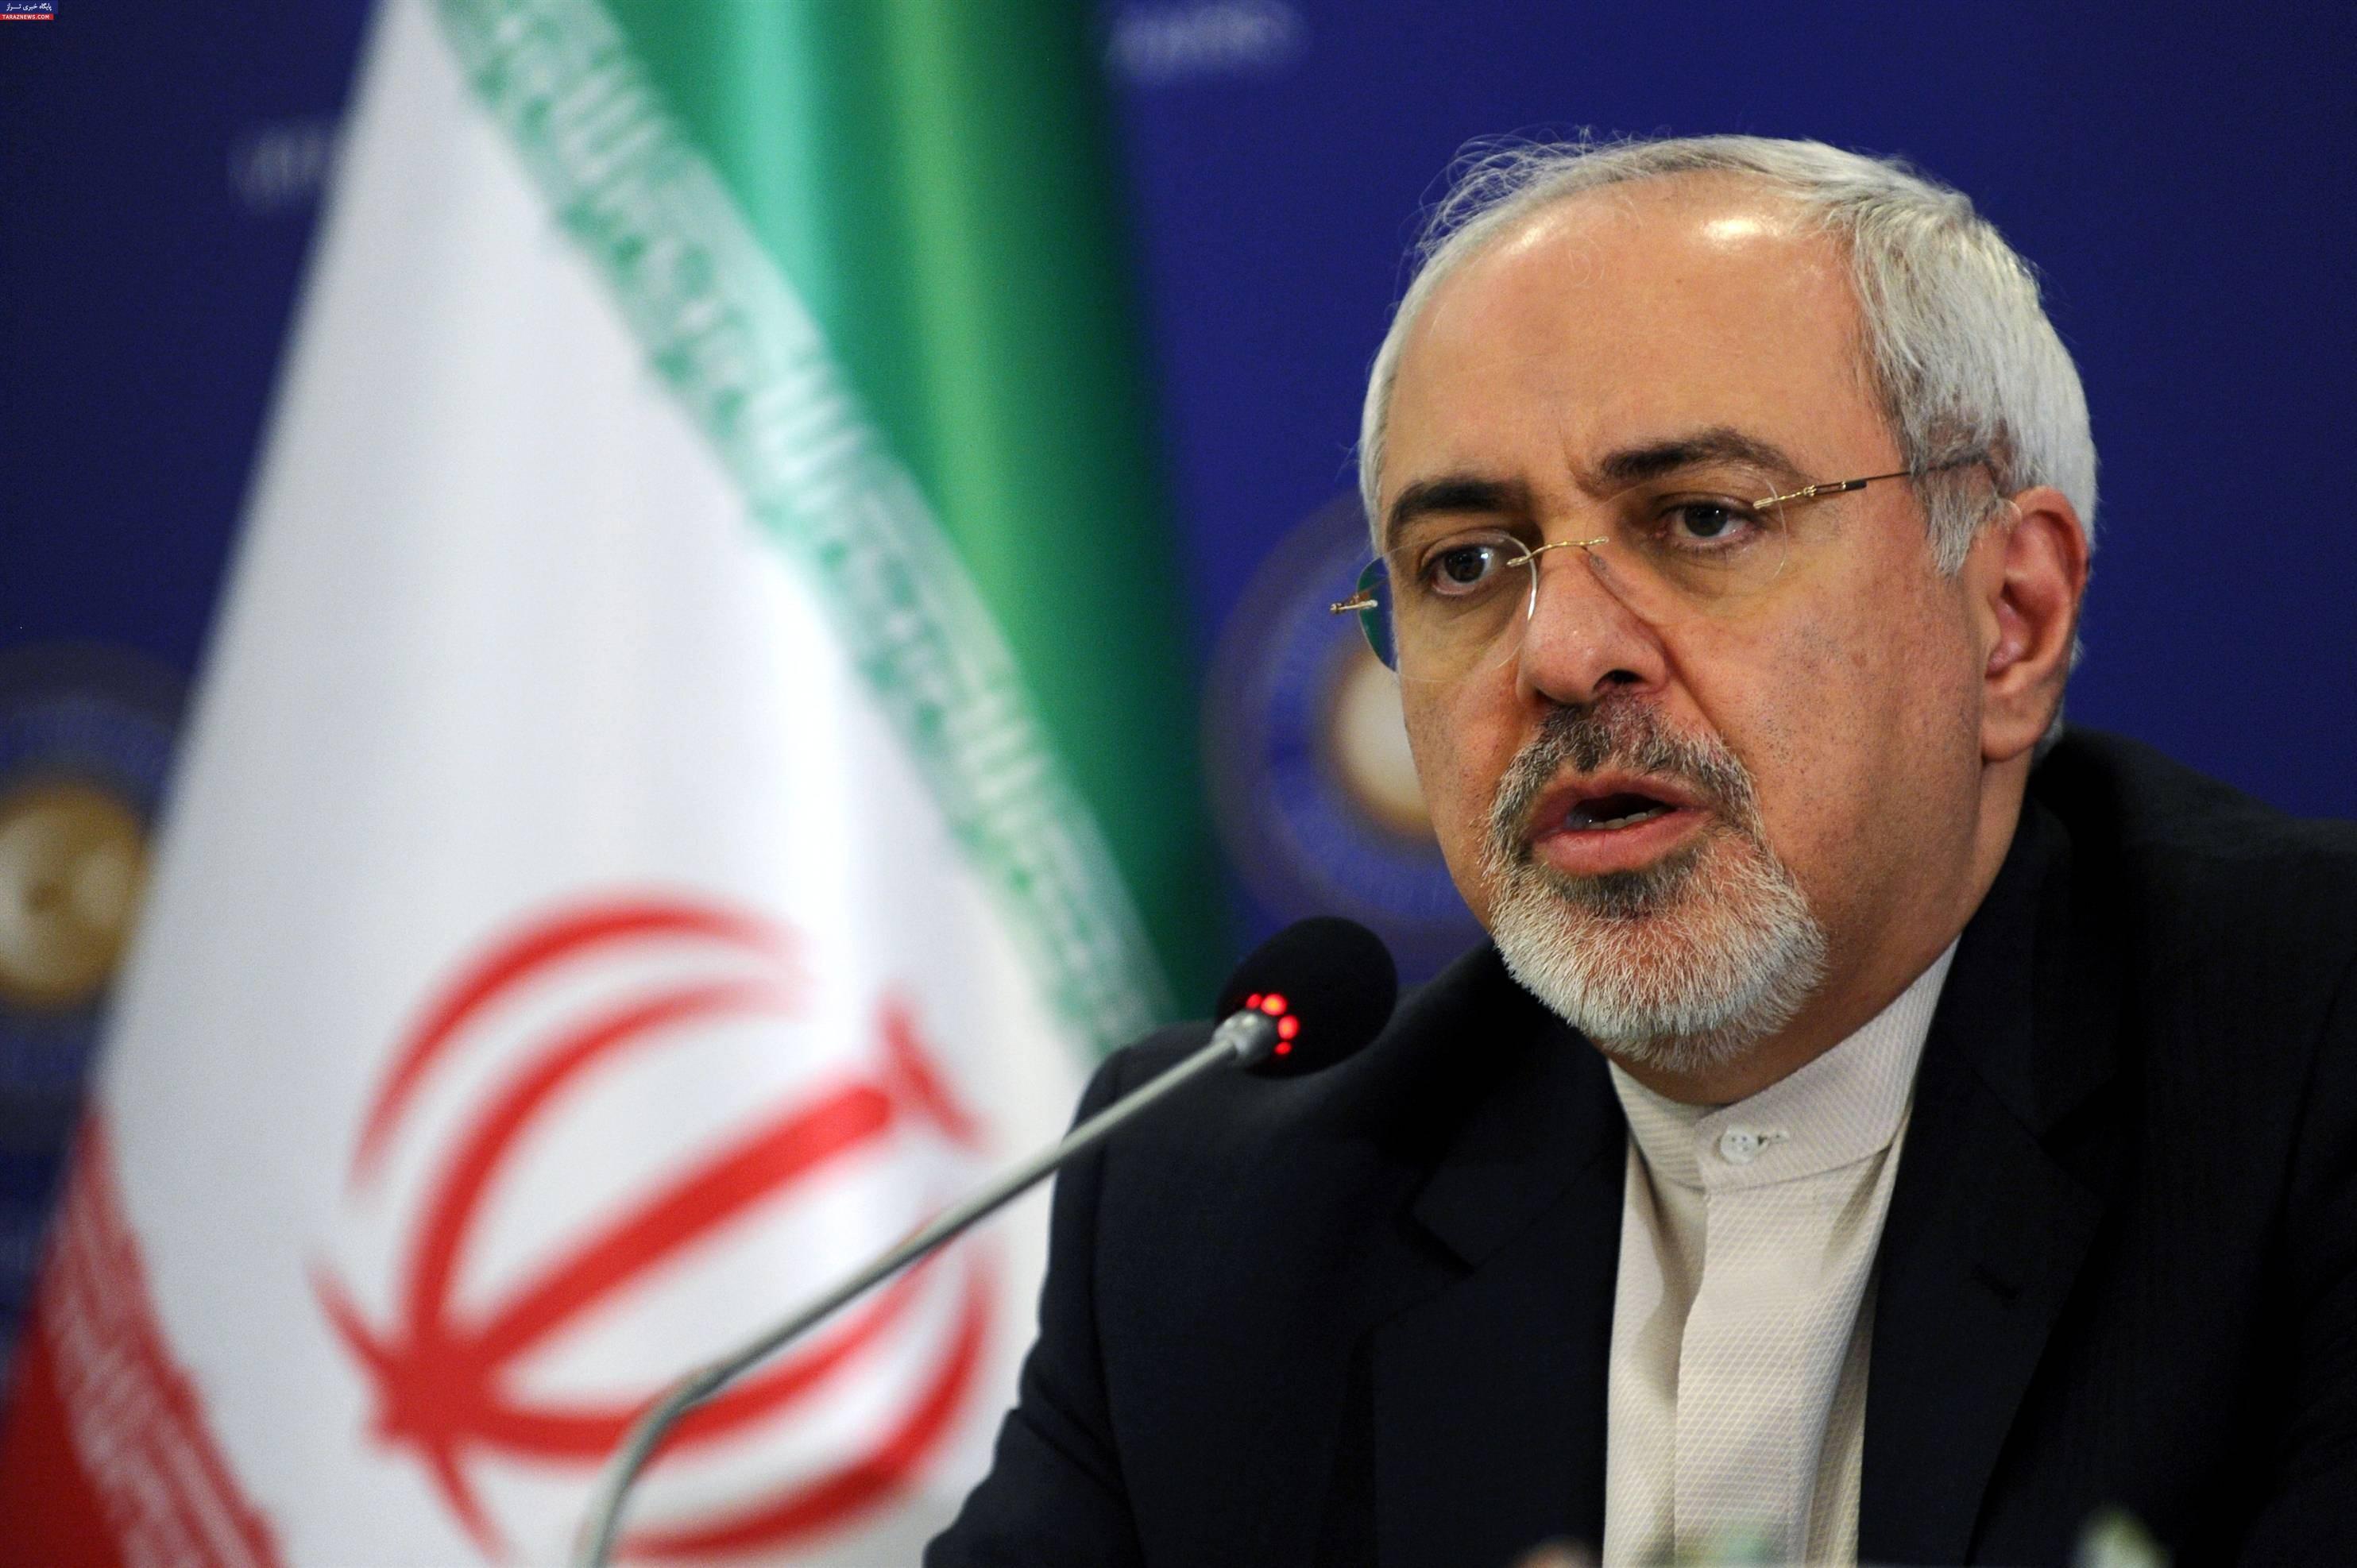 ظریف: در صورت اعمال دوباره تحریمها، ایران برنامه هستهای خود را با سرعت بیشتری از سر میگیرد